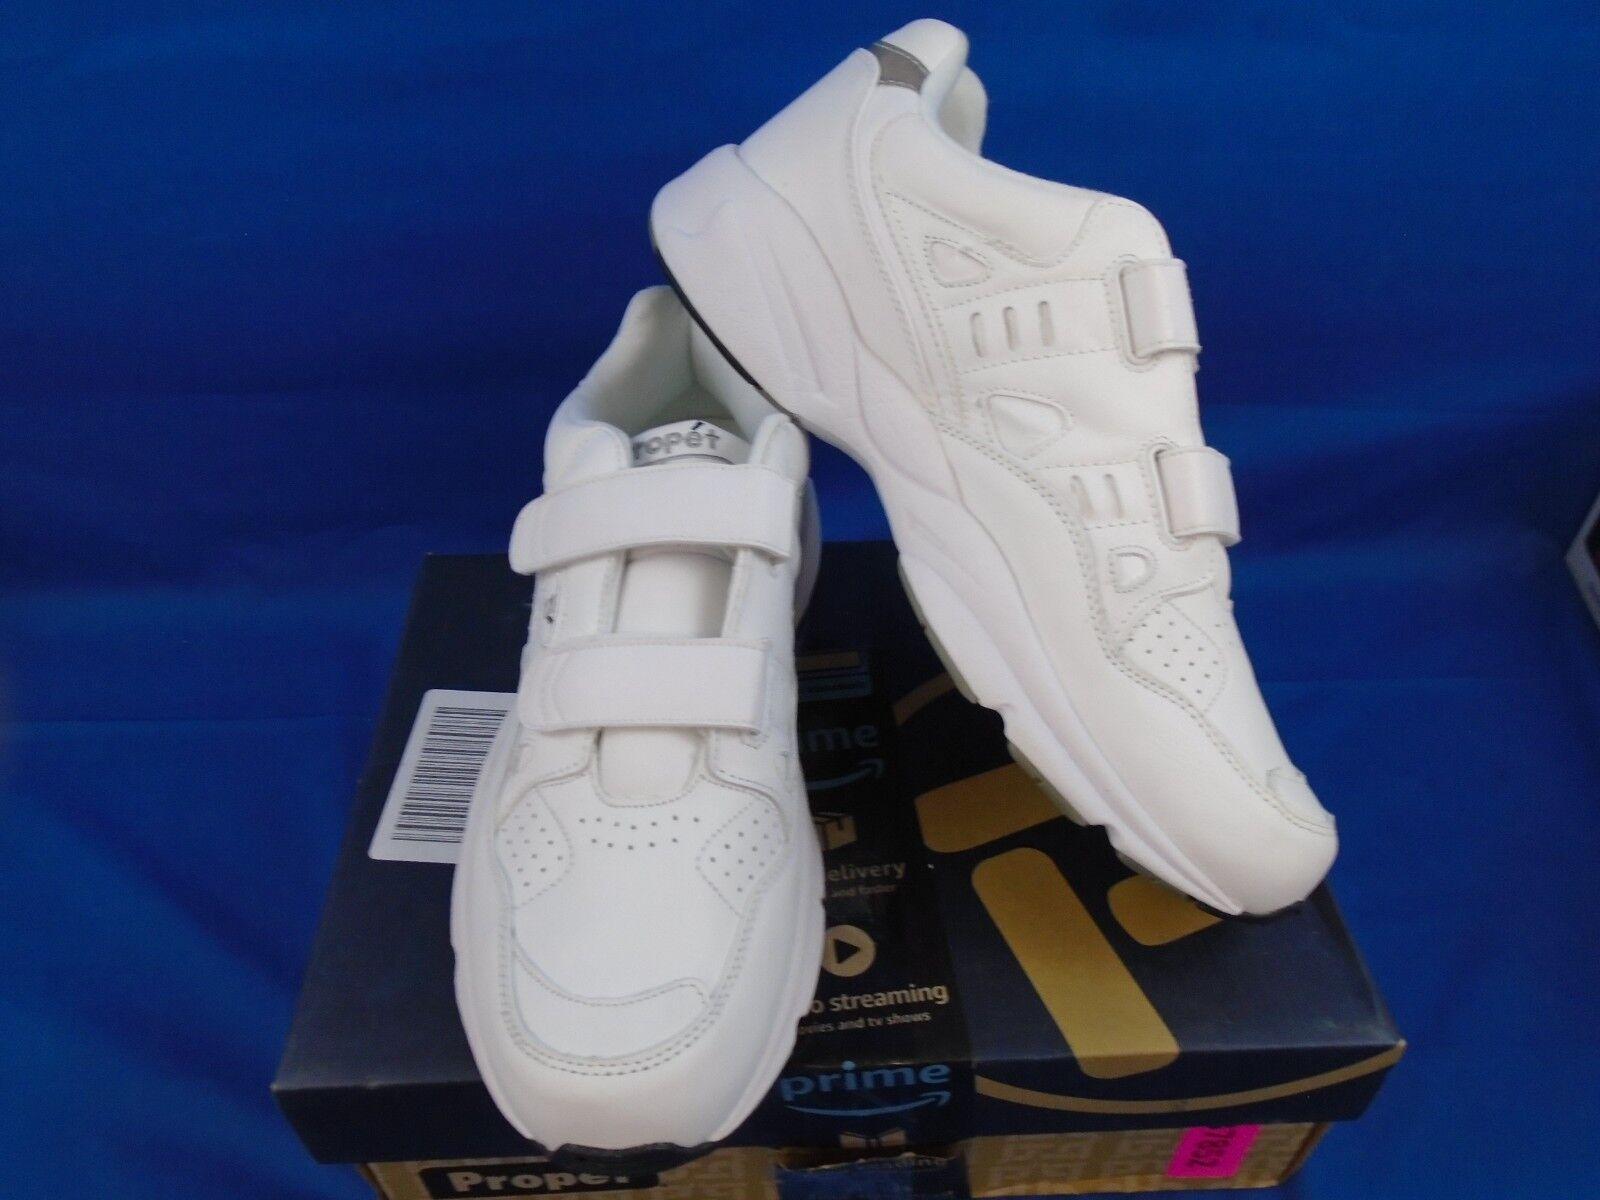 Uomini propet stabilità bianco walker cinghia m2035 scarpe bianco stabilità dimensioni 11,5 b (n) 9dda4a